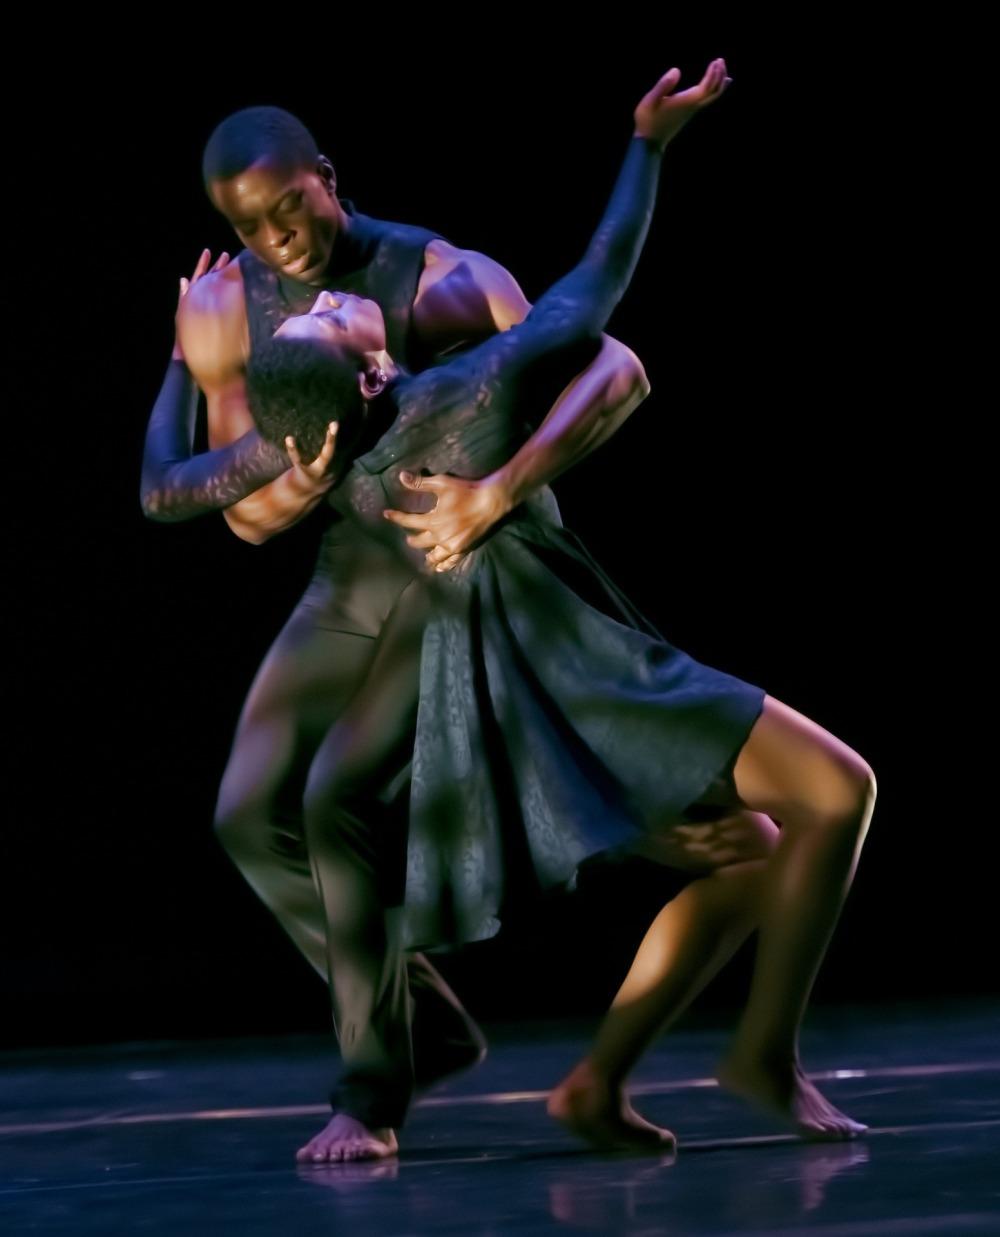 танц на сцената, двойка мъж и жена с африкански произход, мъжът поддържа дамата, жената е разперила широко ръце